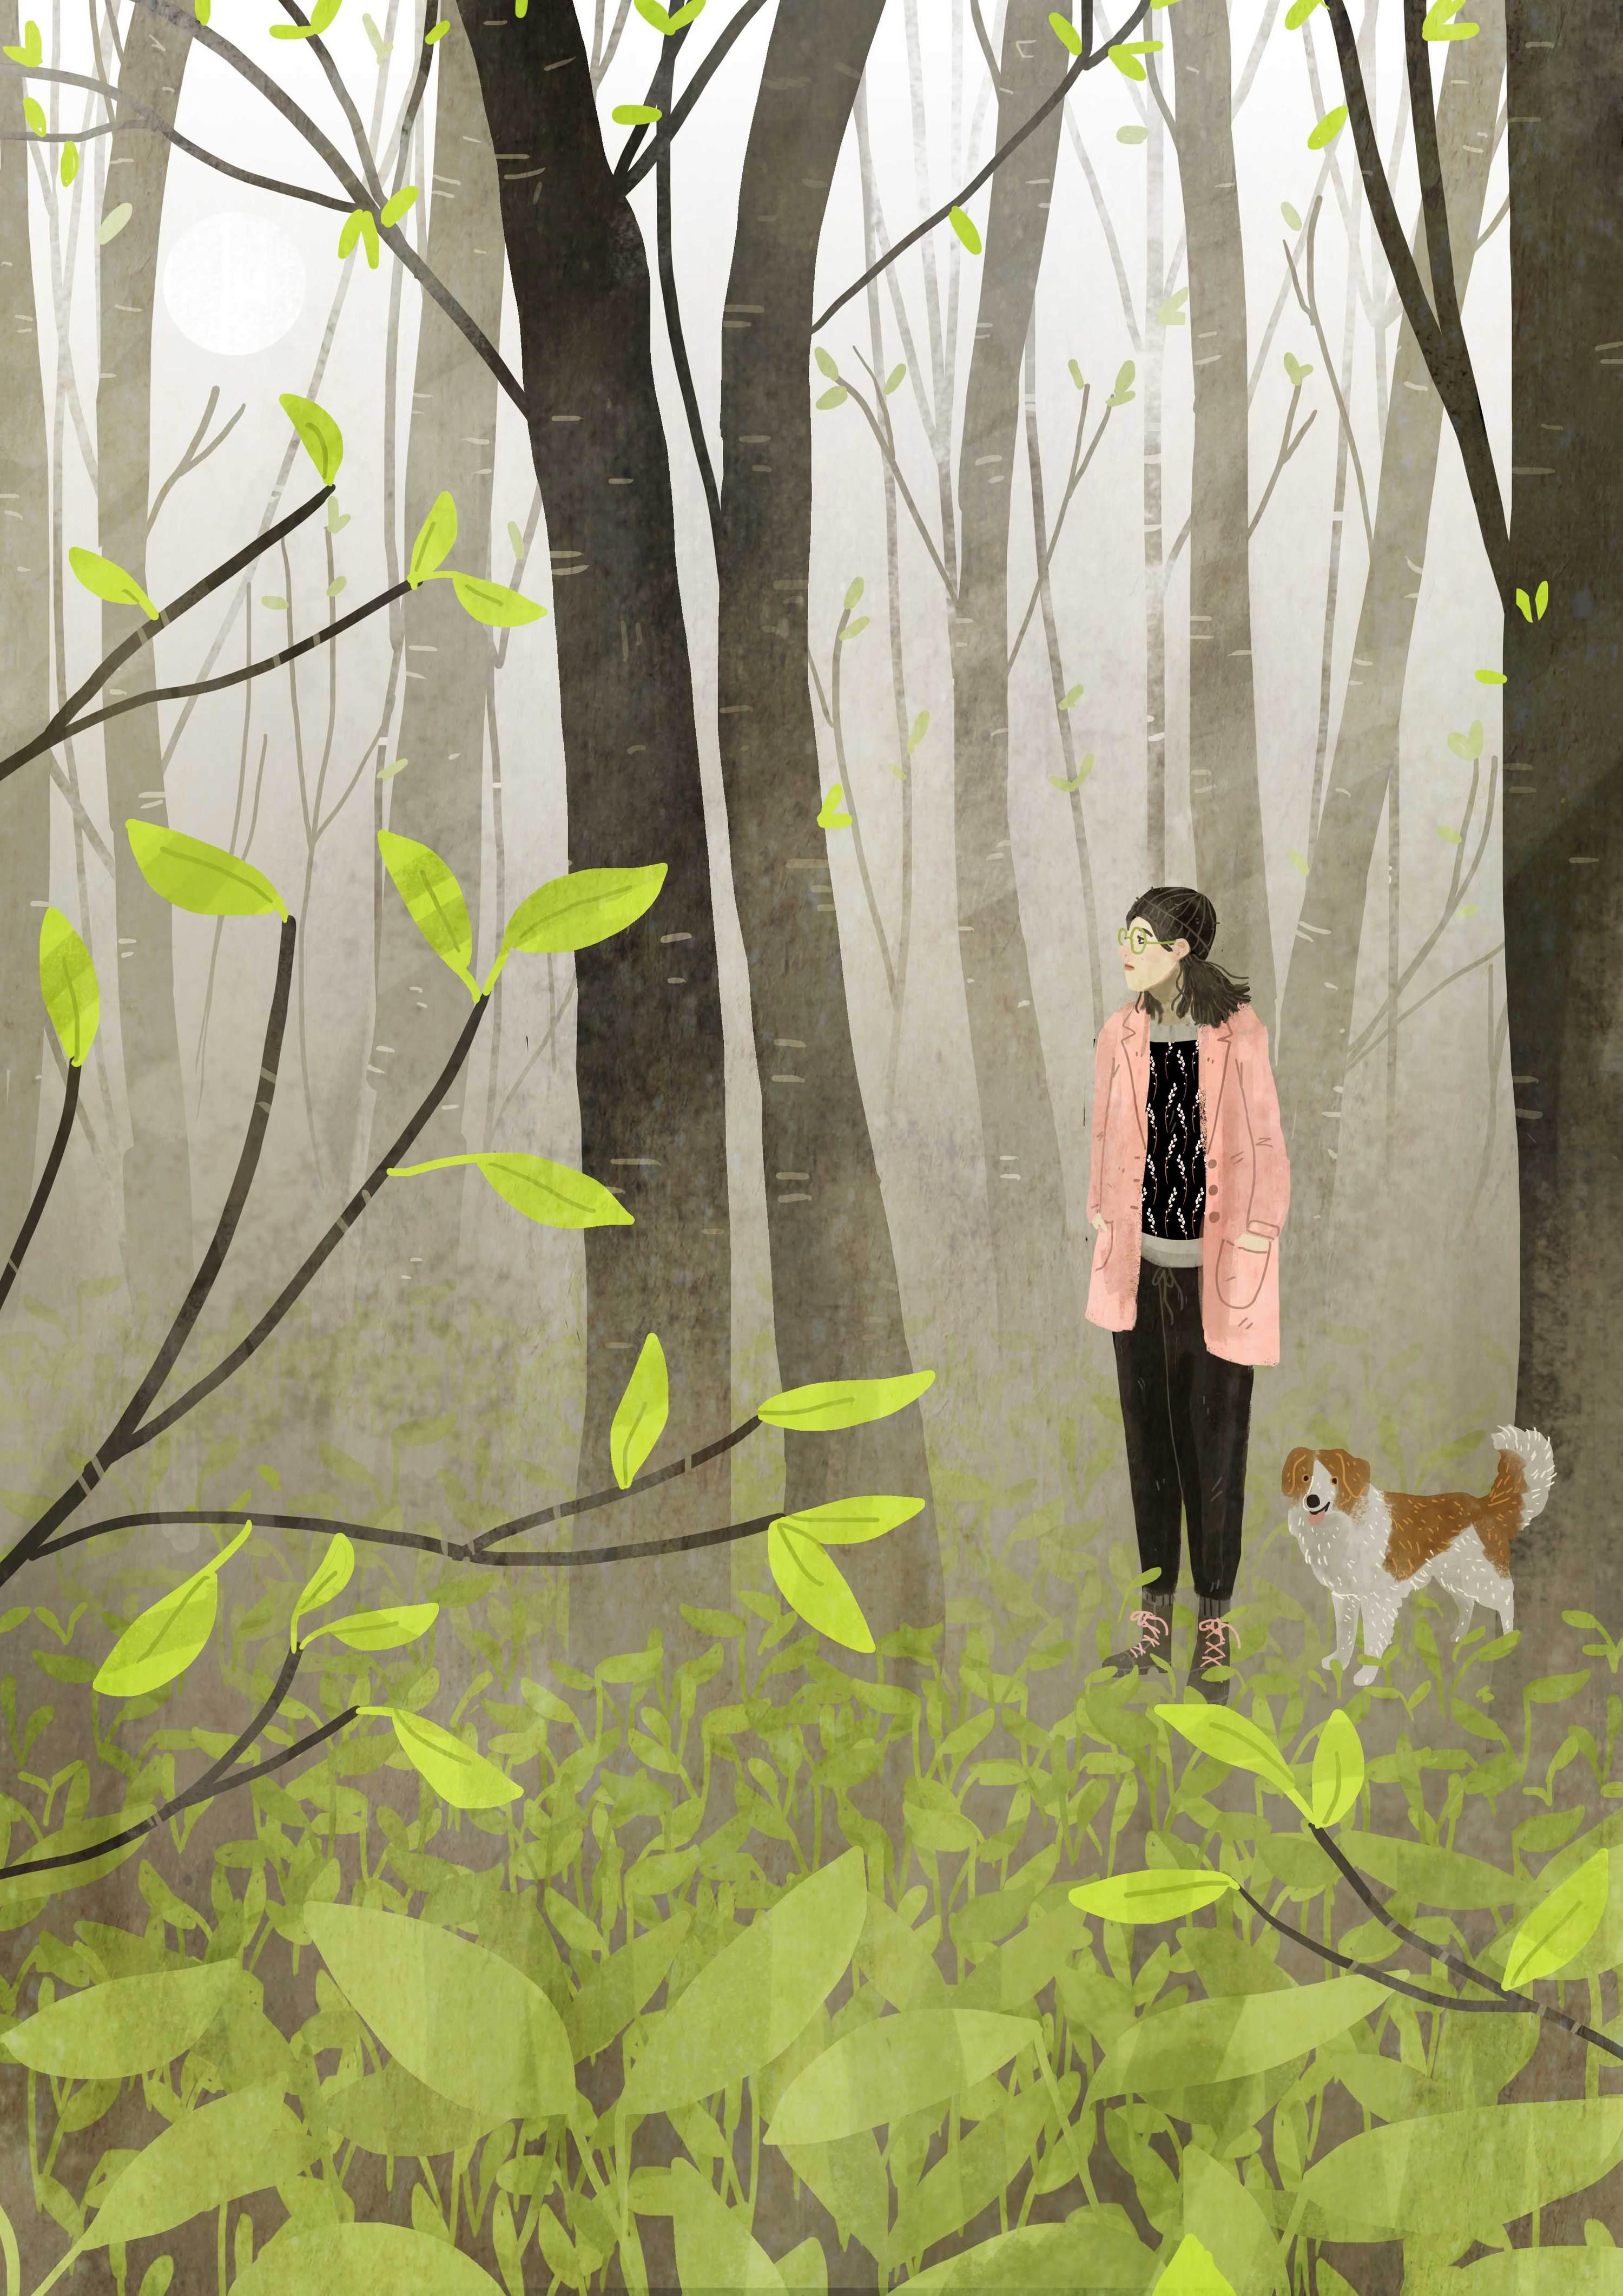 Le illustrazioni sotto la pioggia di Lara Paulussen | Collater.al 4